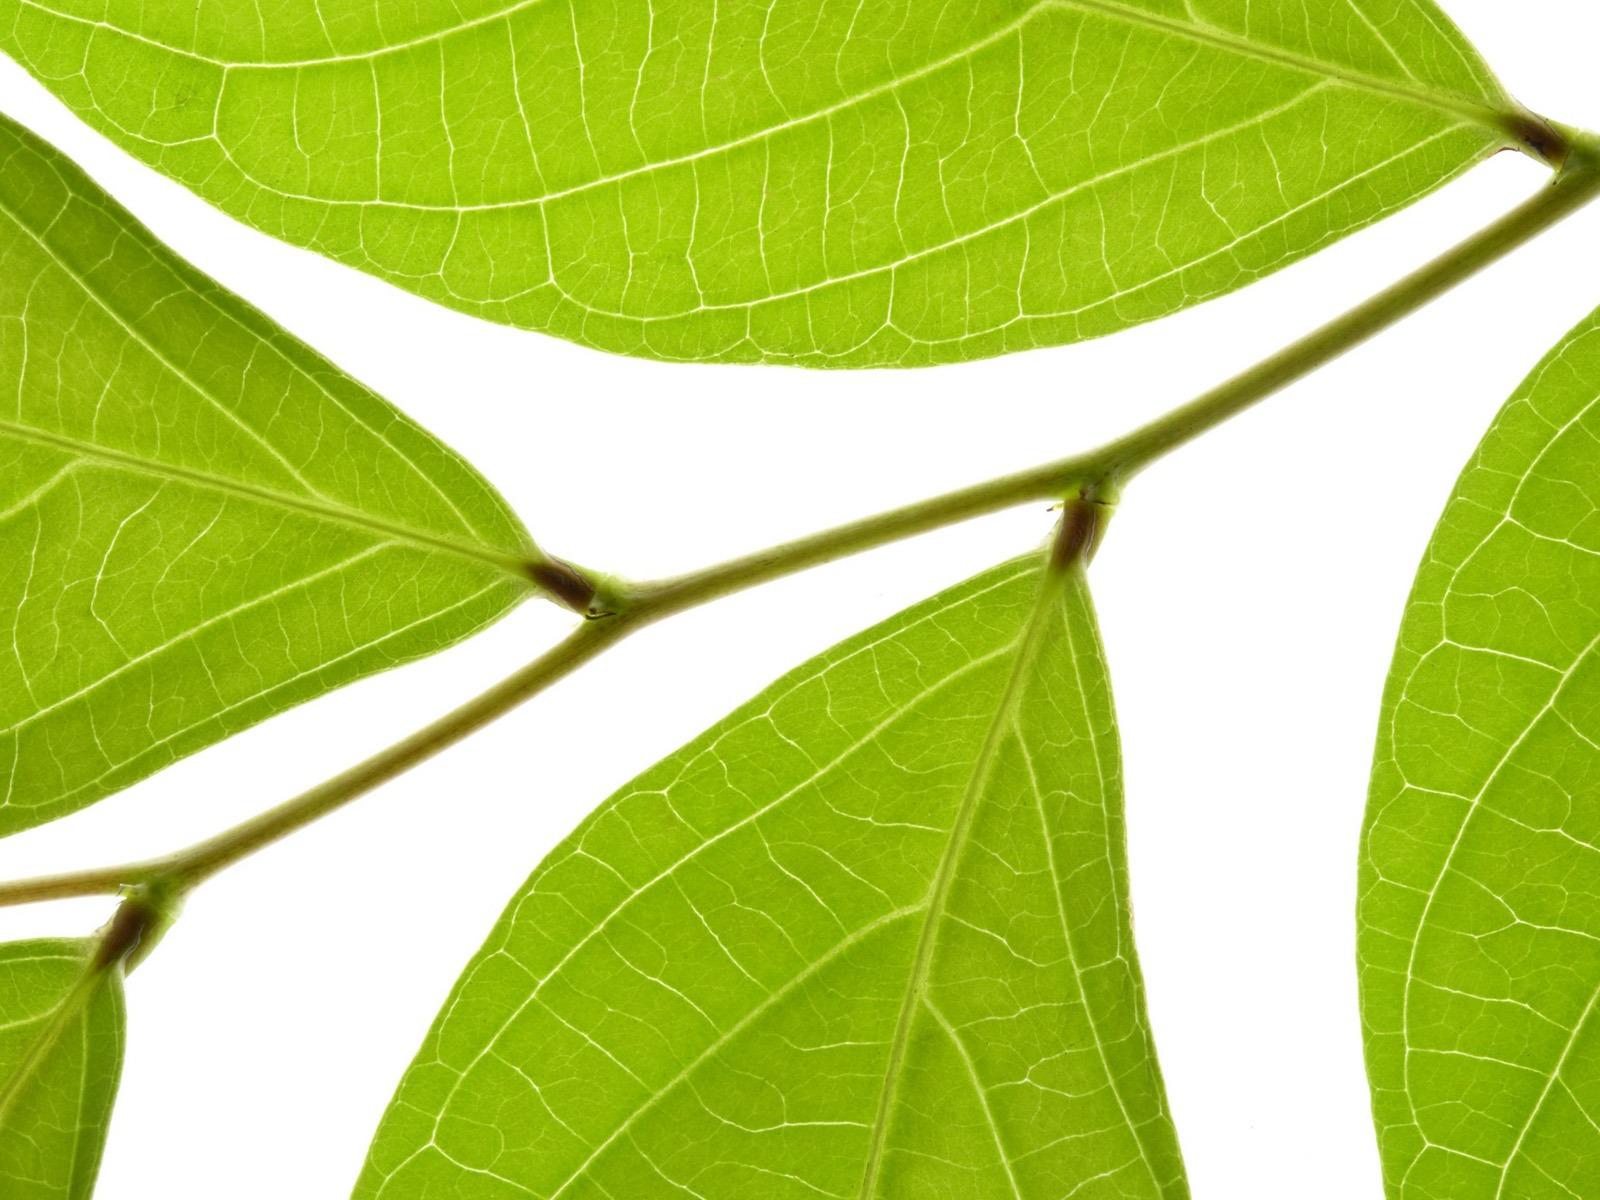 녹색 벽지를 나뭇잎 #13 - 1600x1200 배경 화면 다운로드 ...: www.v3wall.com/ko/html/pic_down/1600_1200/pic_down_83579_1600_1200...